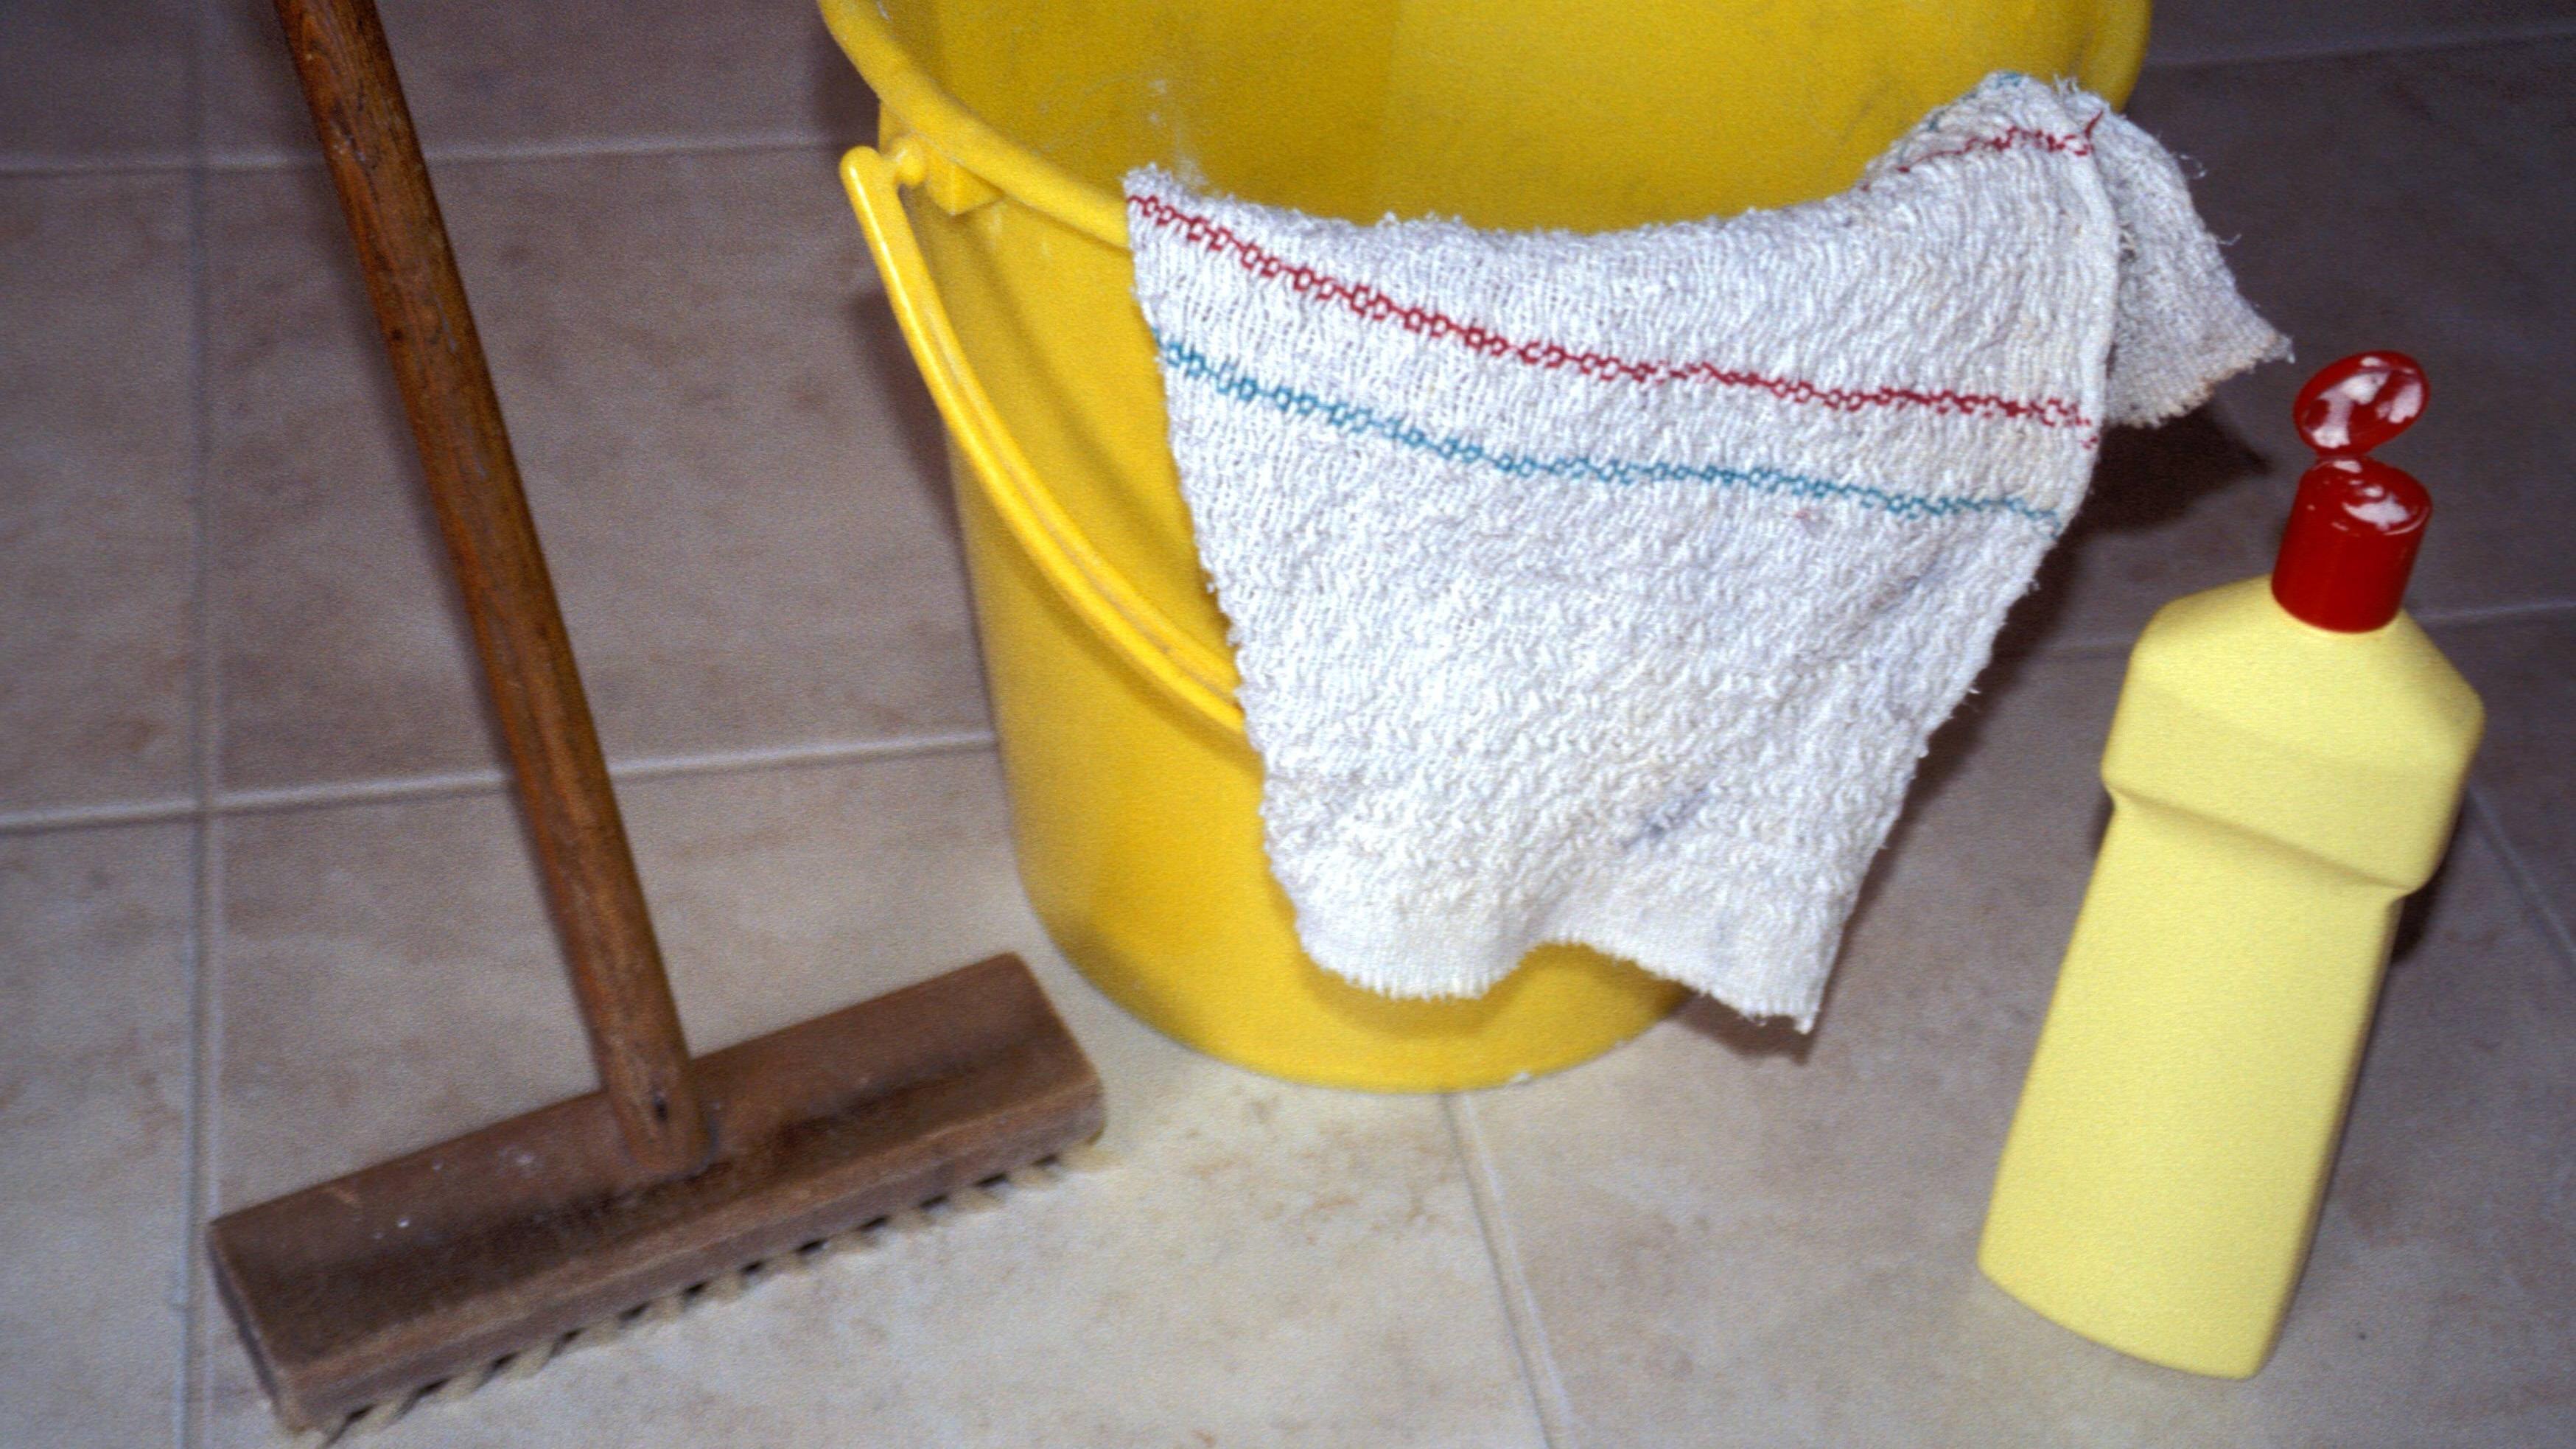 Korkboden reinigen ist wichtig.